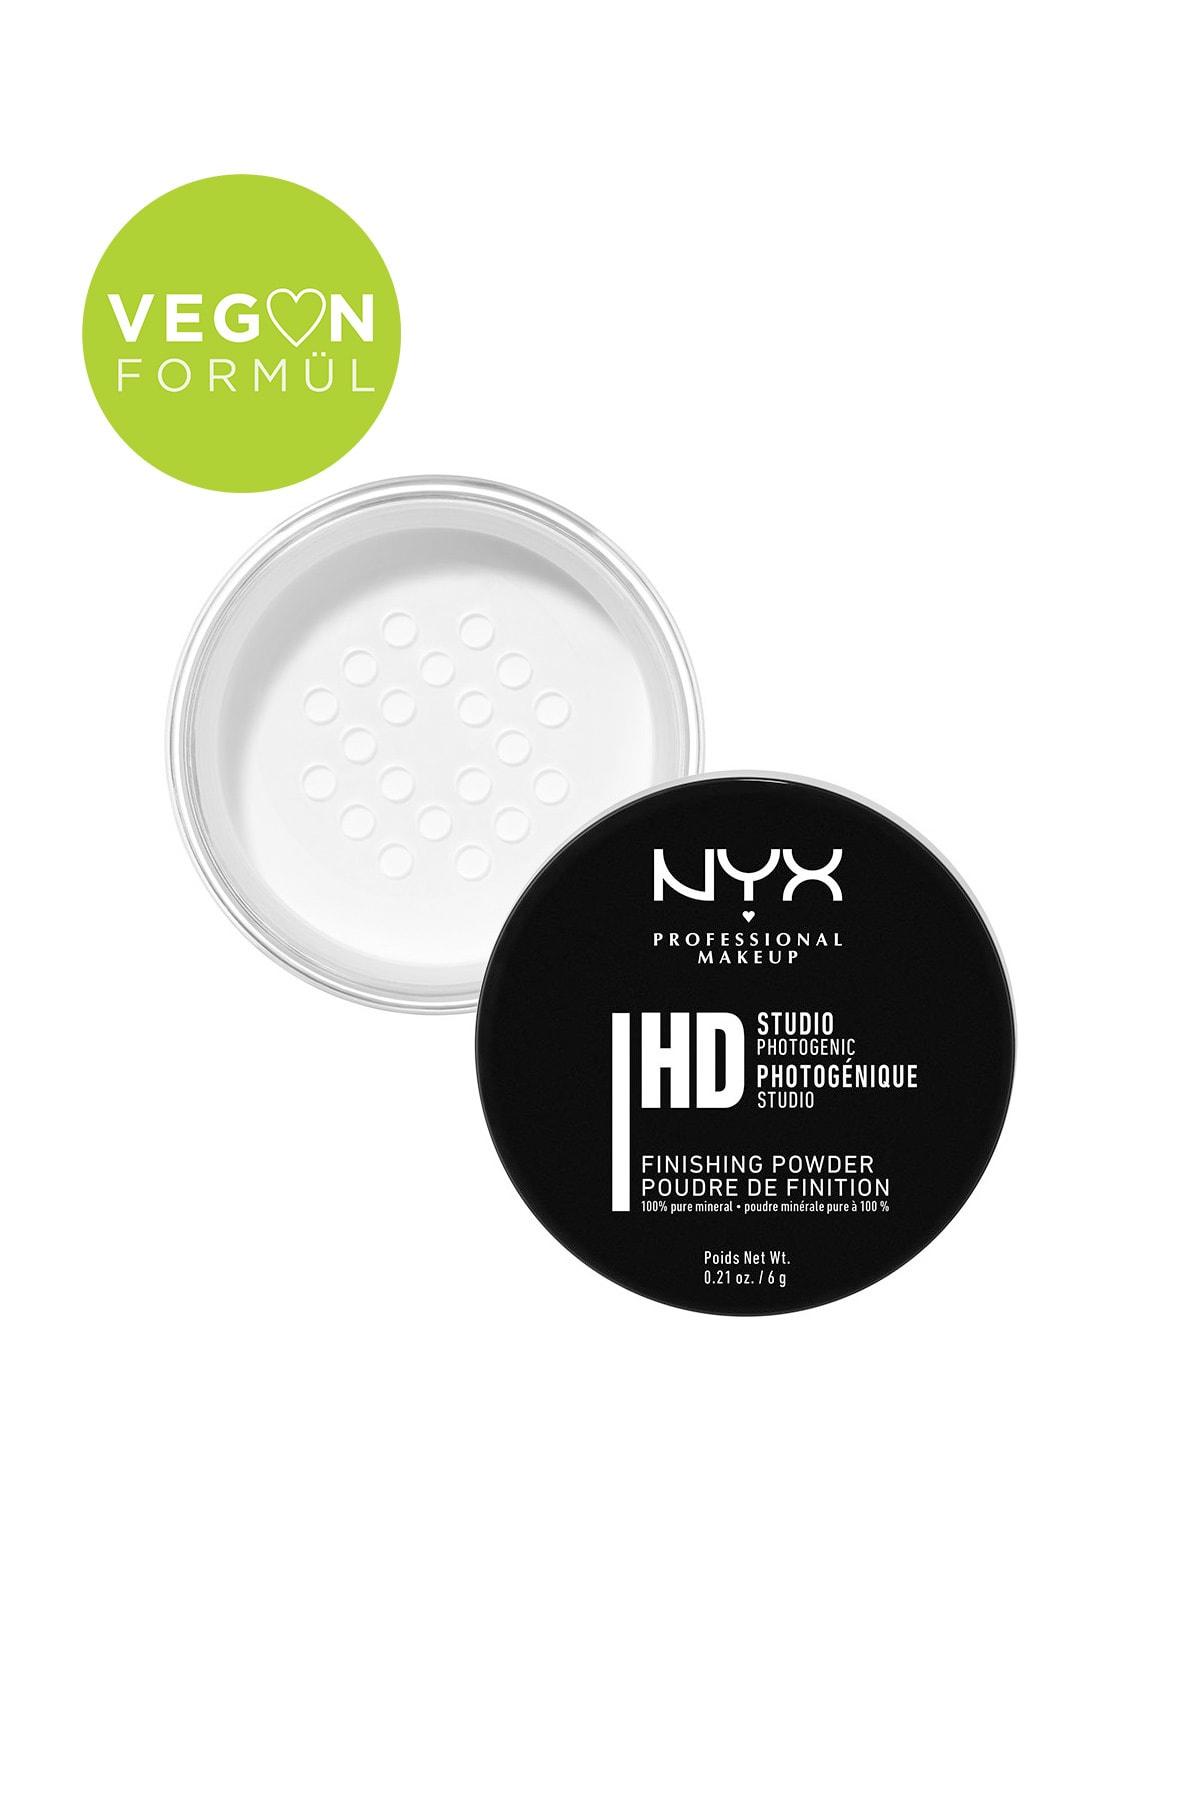 NYX Professional Makeup Sabitleyici Pudra - Studio Finishing Powder Translucent Finish 43 g 800897816360 1